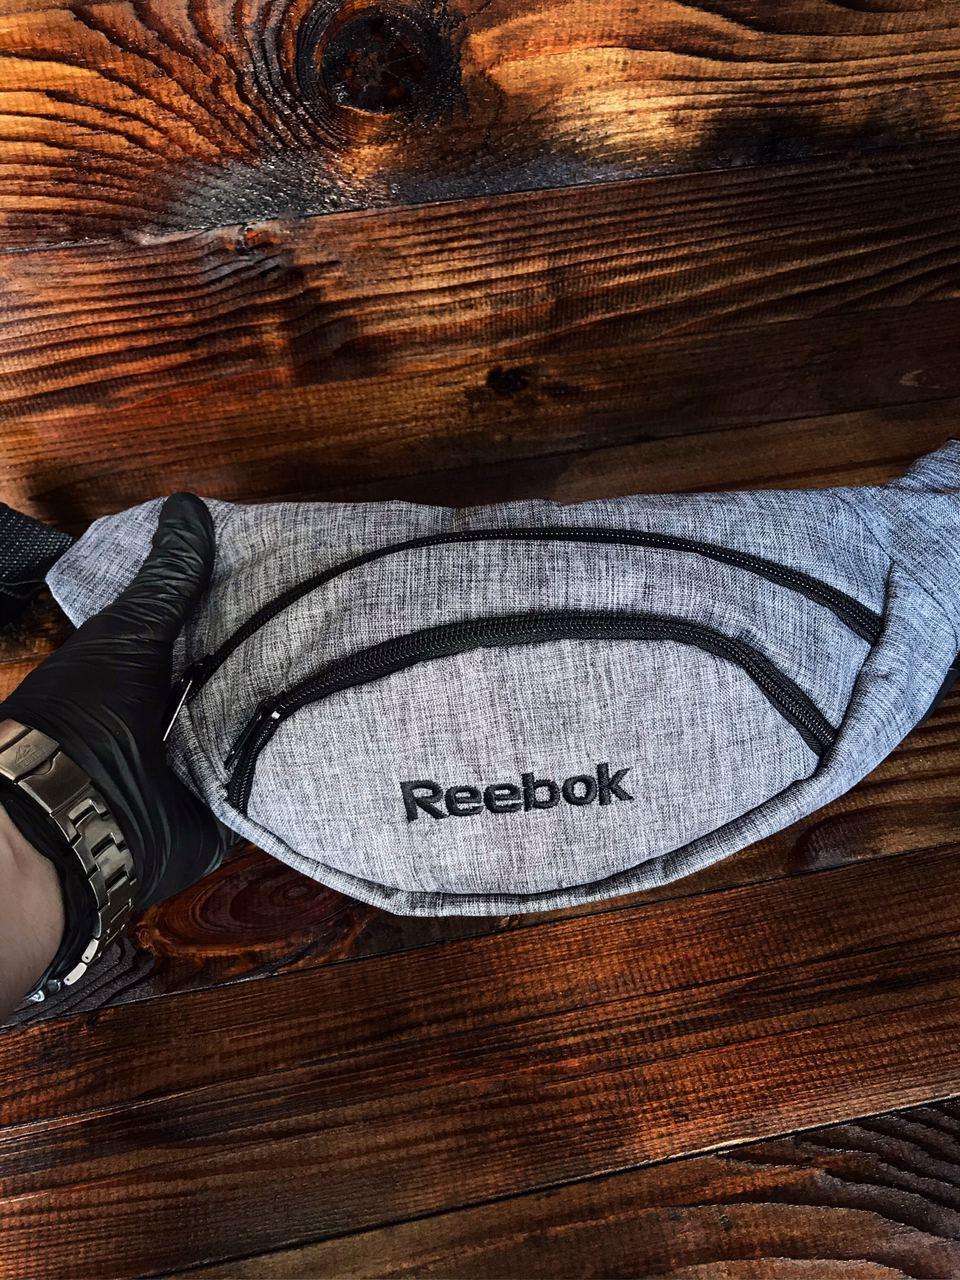 Поясная сумка Серая Бананка Reebok Логотип черный Мужская Женская